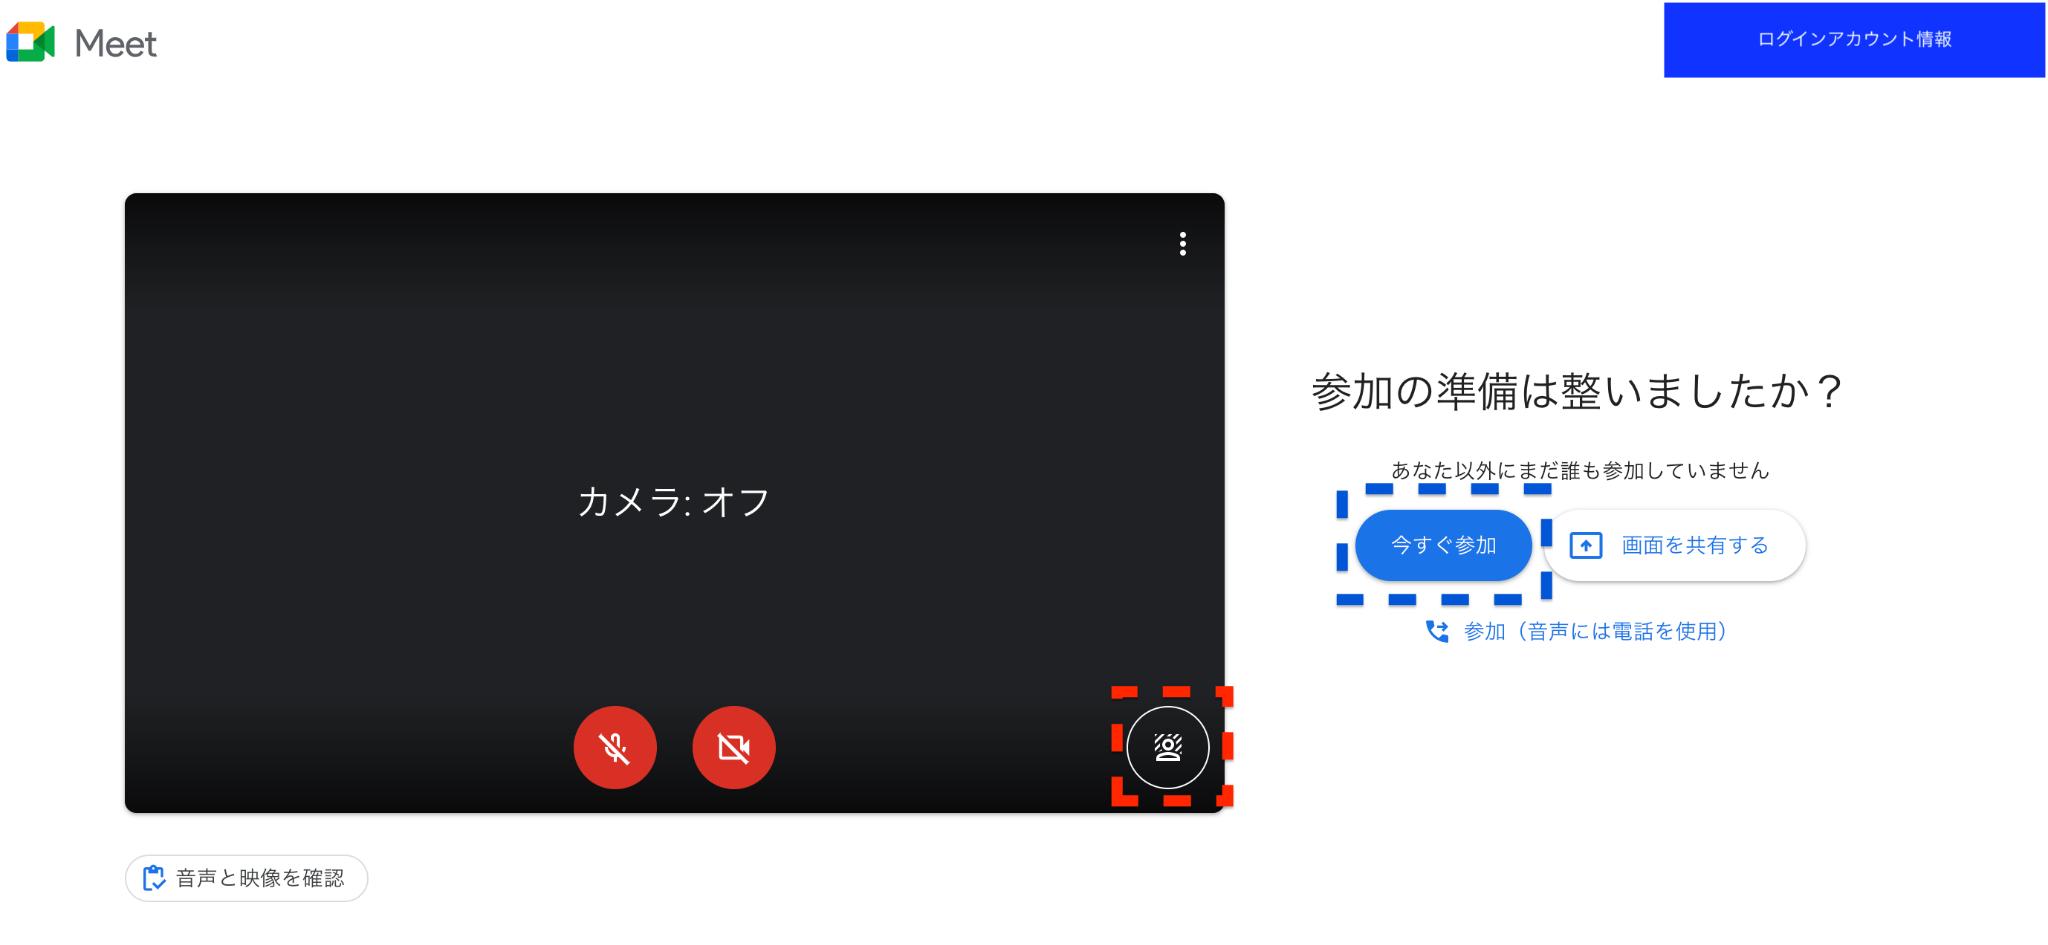 無料で使える Google Meet(グーグルミート)の使い方01